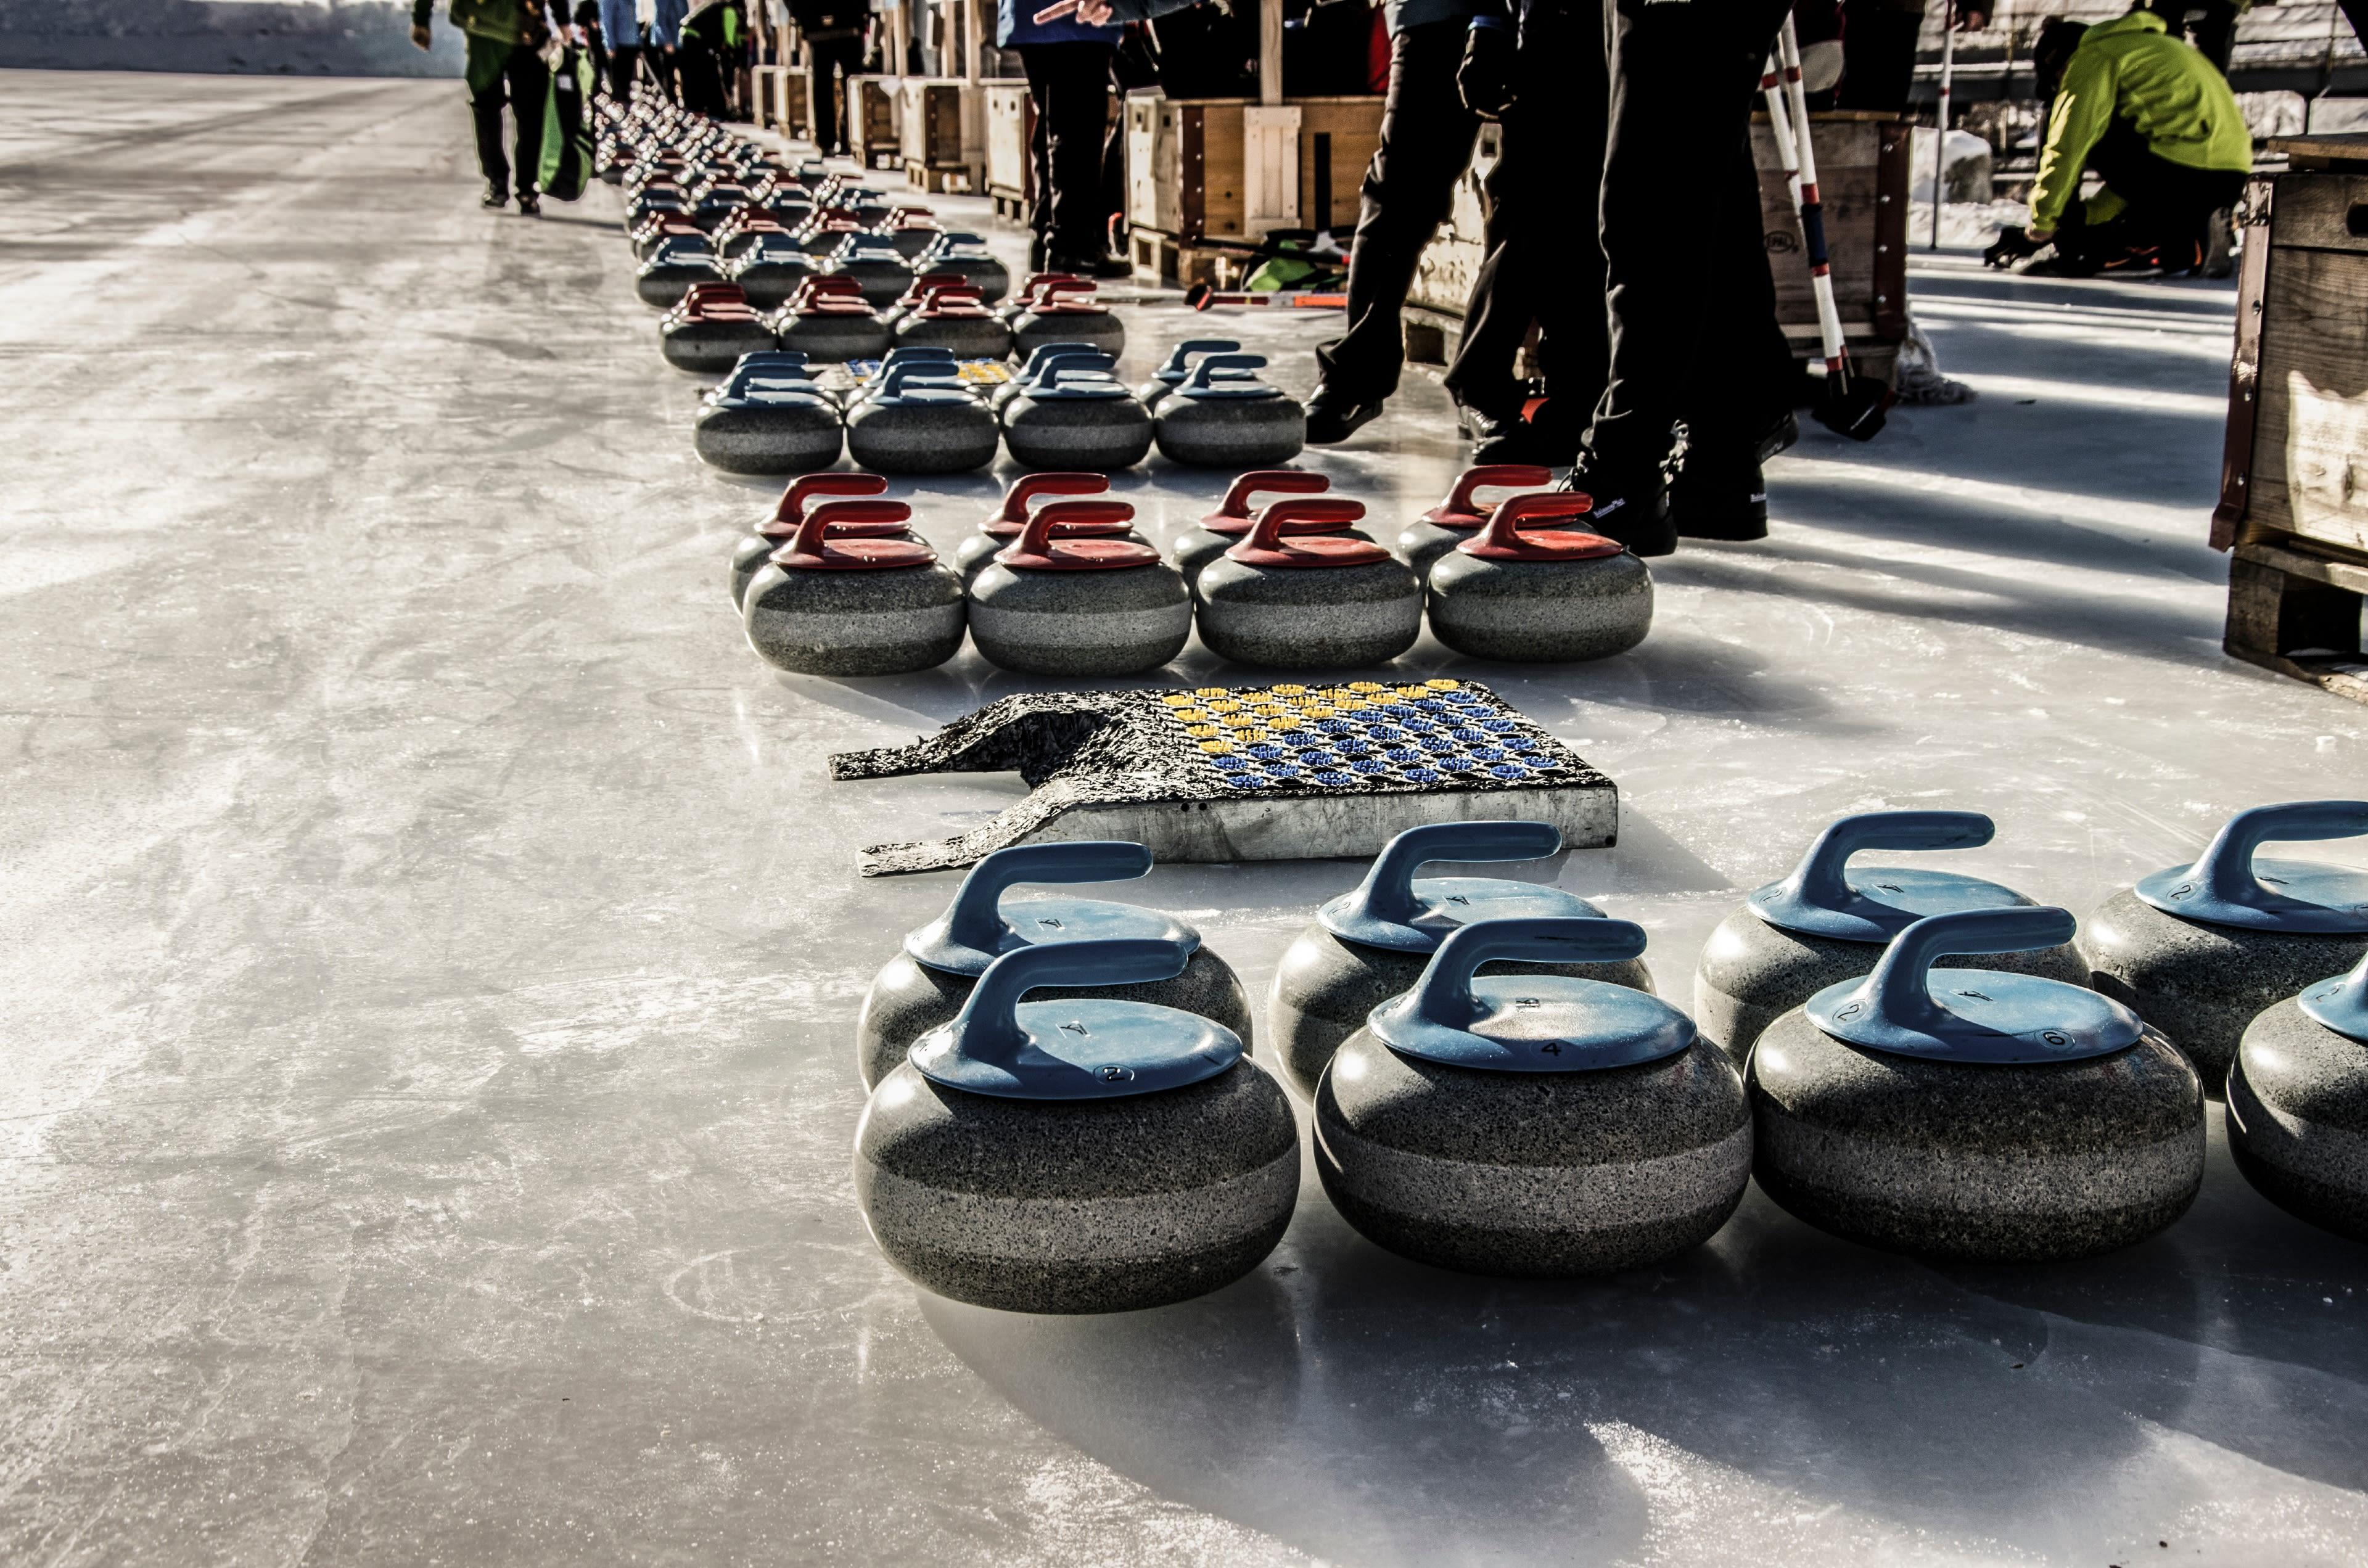 Eissport